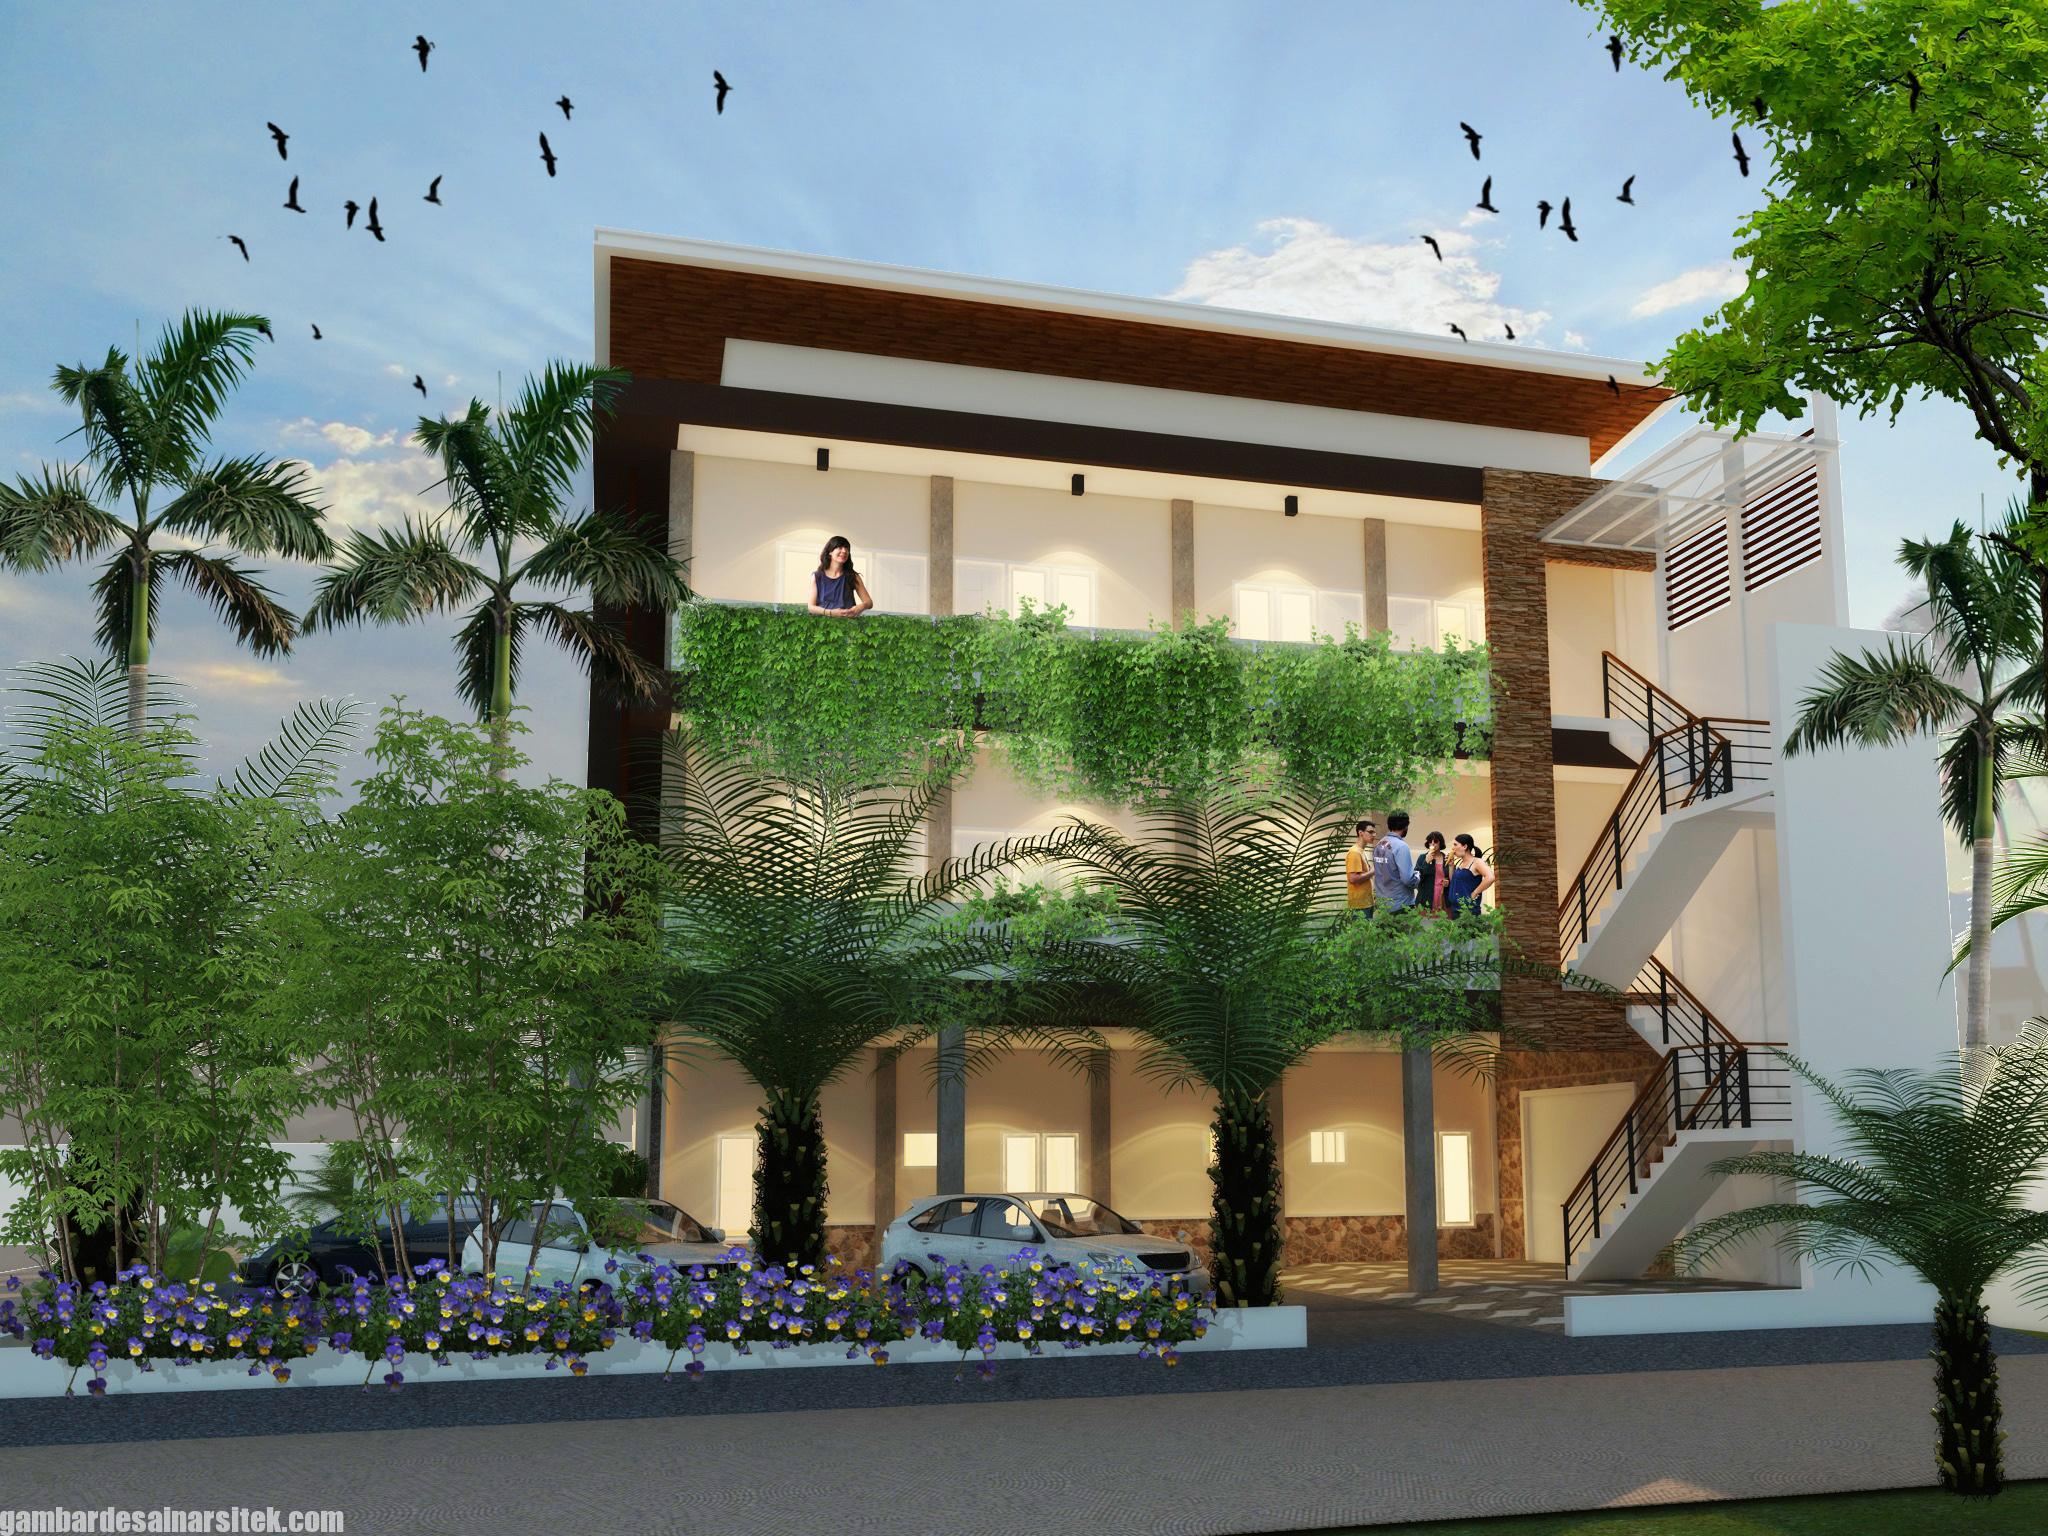 Desain Rumah Kost Minimalis 3 Lantai (2)